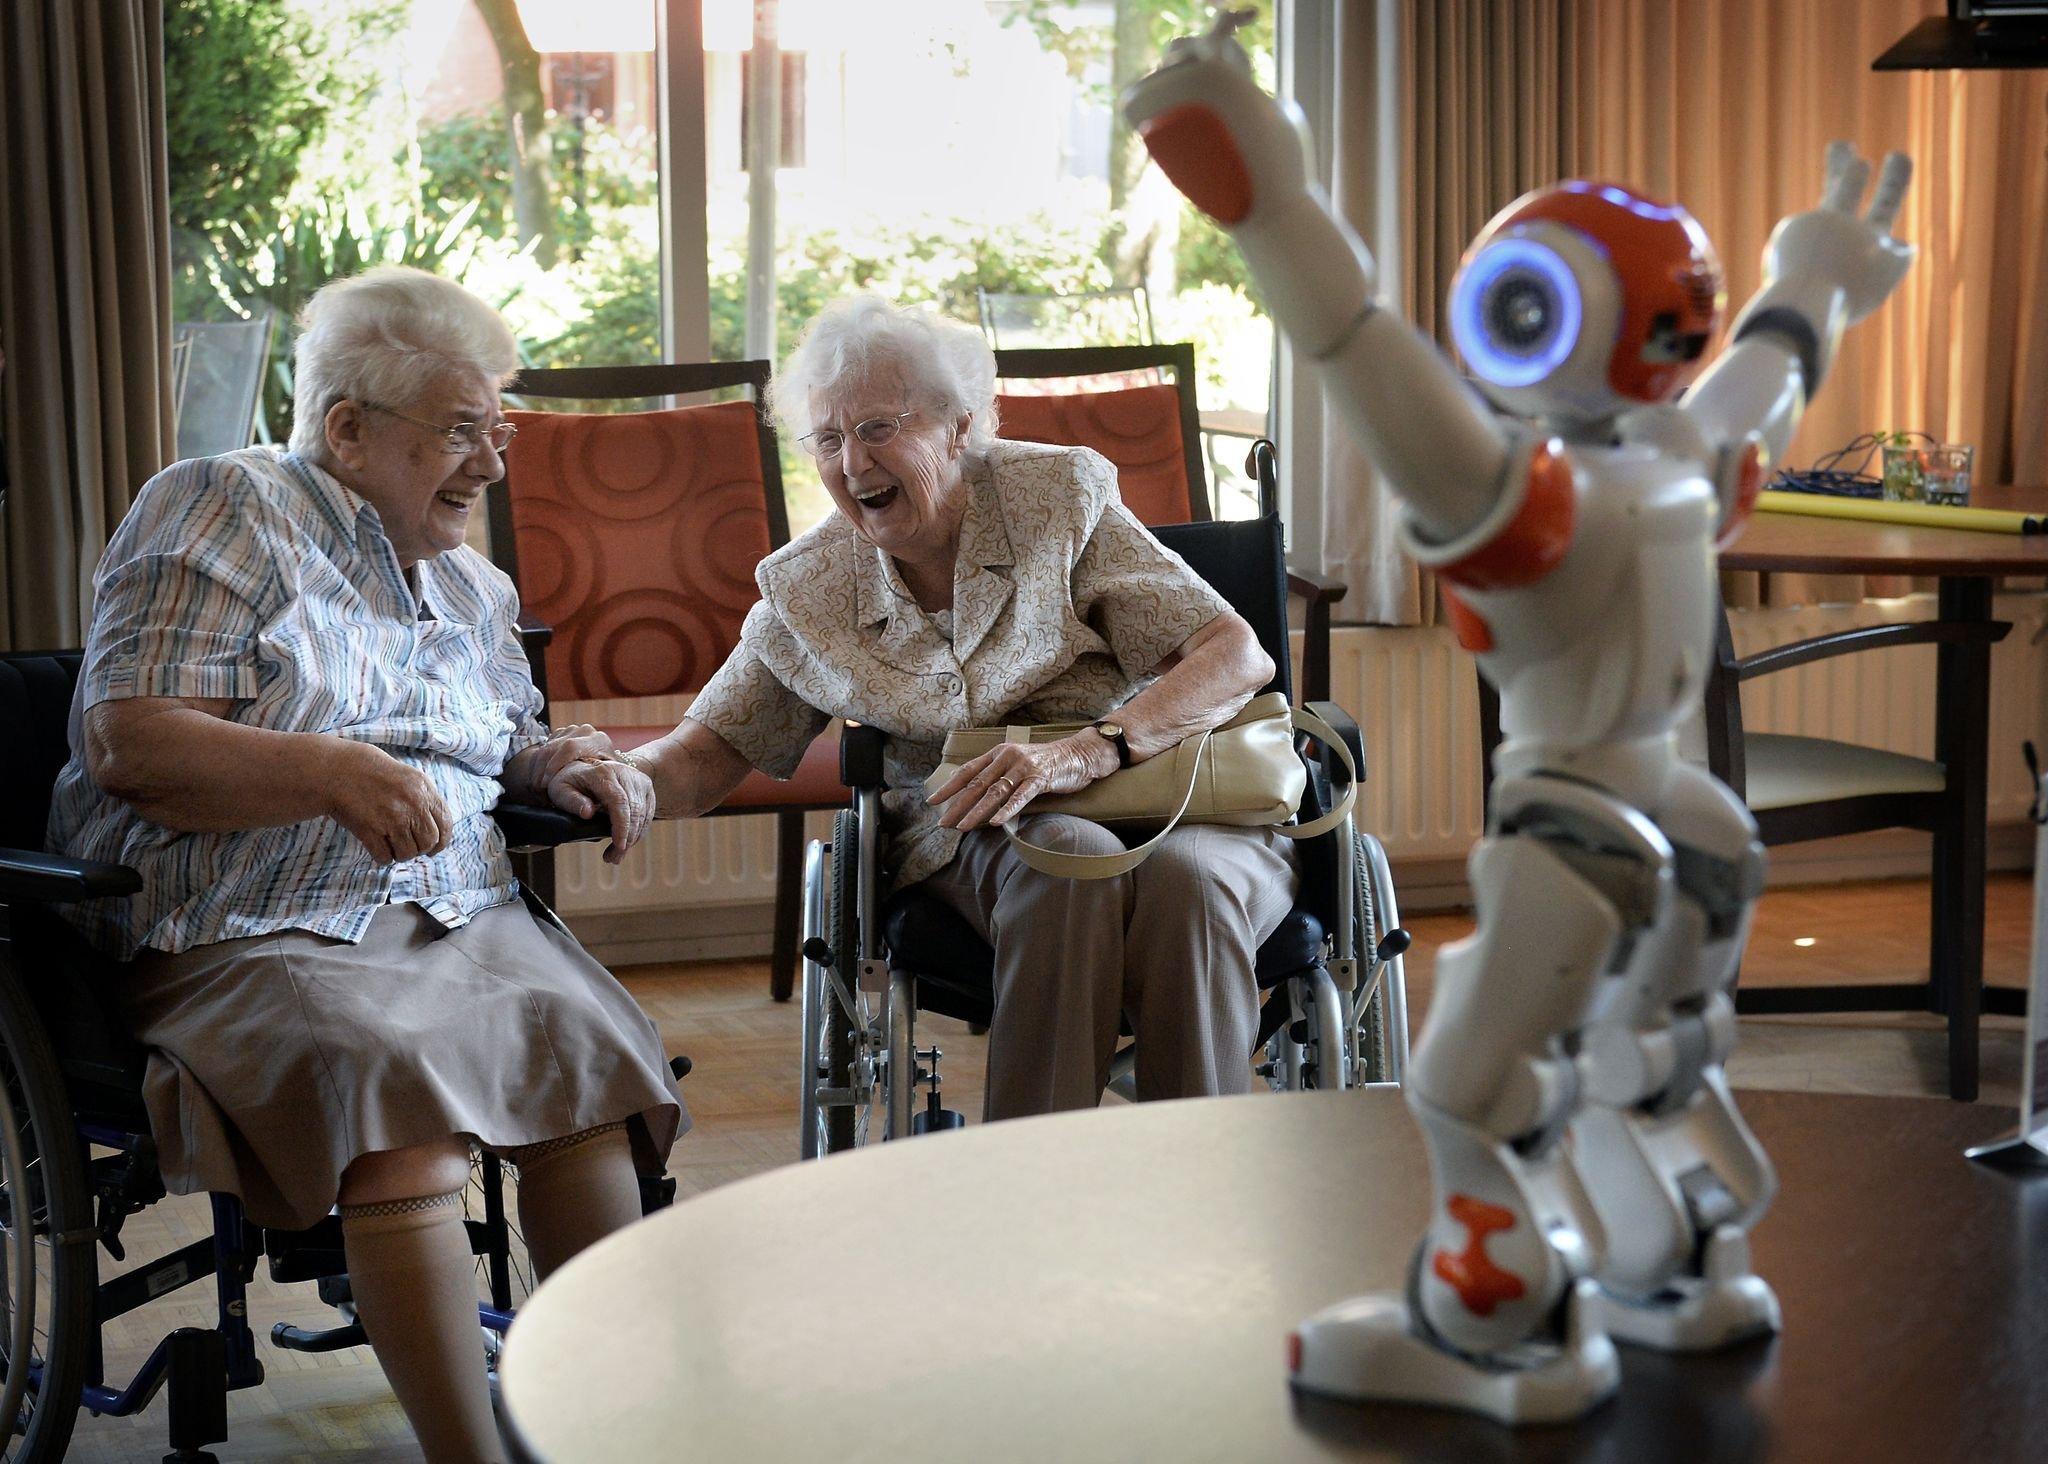 Zora ähnelt einem menschlichen Körper in Puppengröße. Sie hebt die Arme, um zwei alte Frauen im Rollstuhl zu unterhalten.